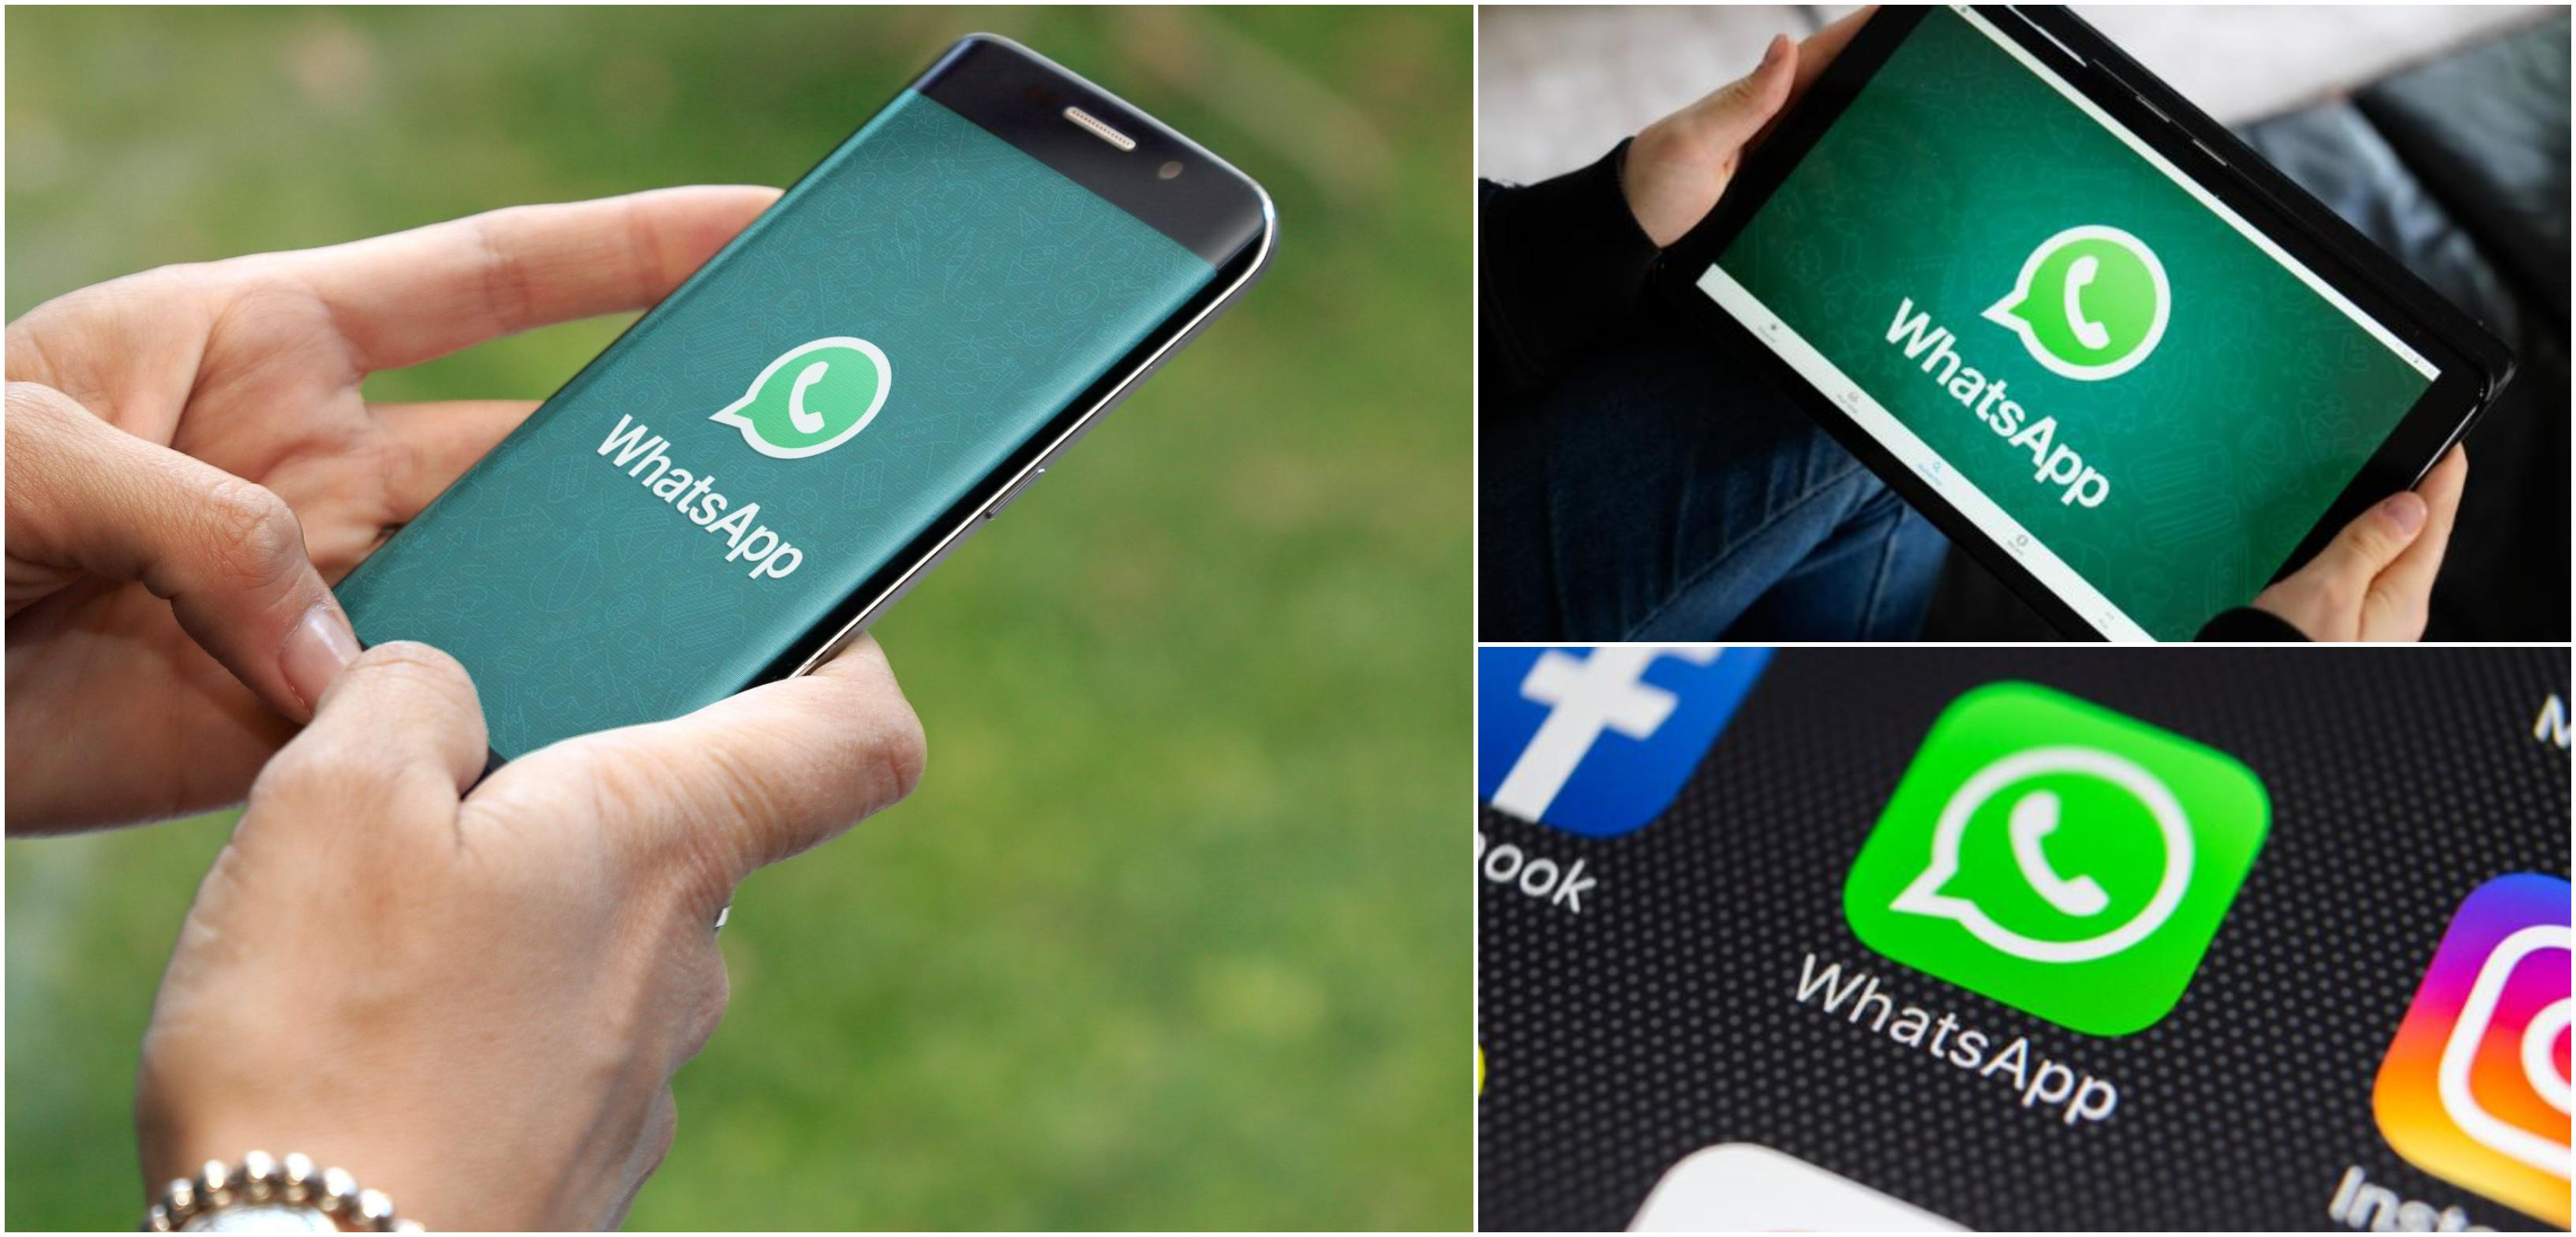 WhatsApp-ul tău este în pericol! Cum poate o persoană rău intenționată să îți blocheze accesul la cont și să îl preia